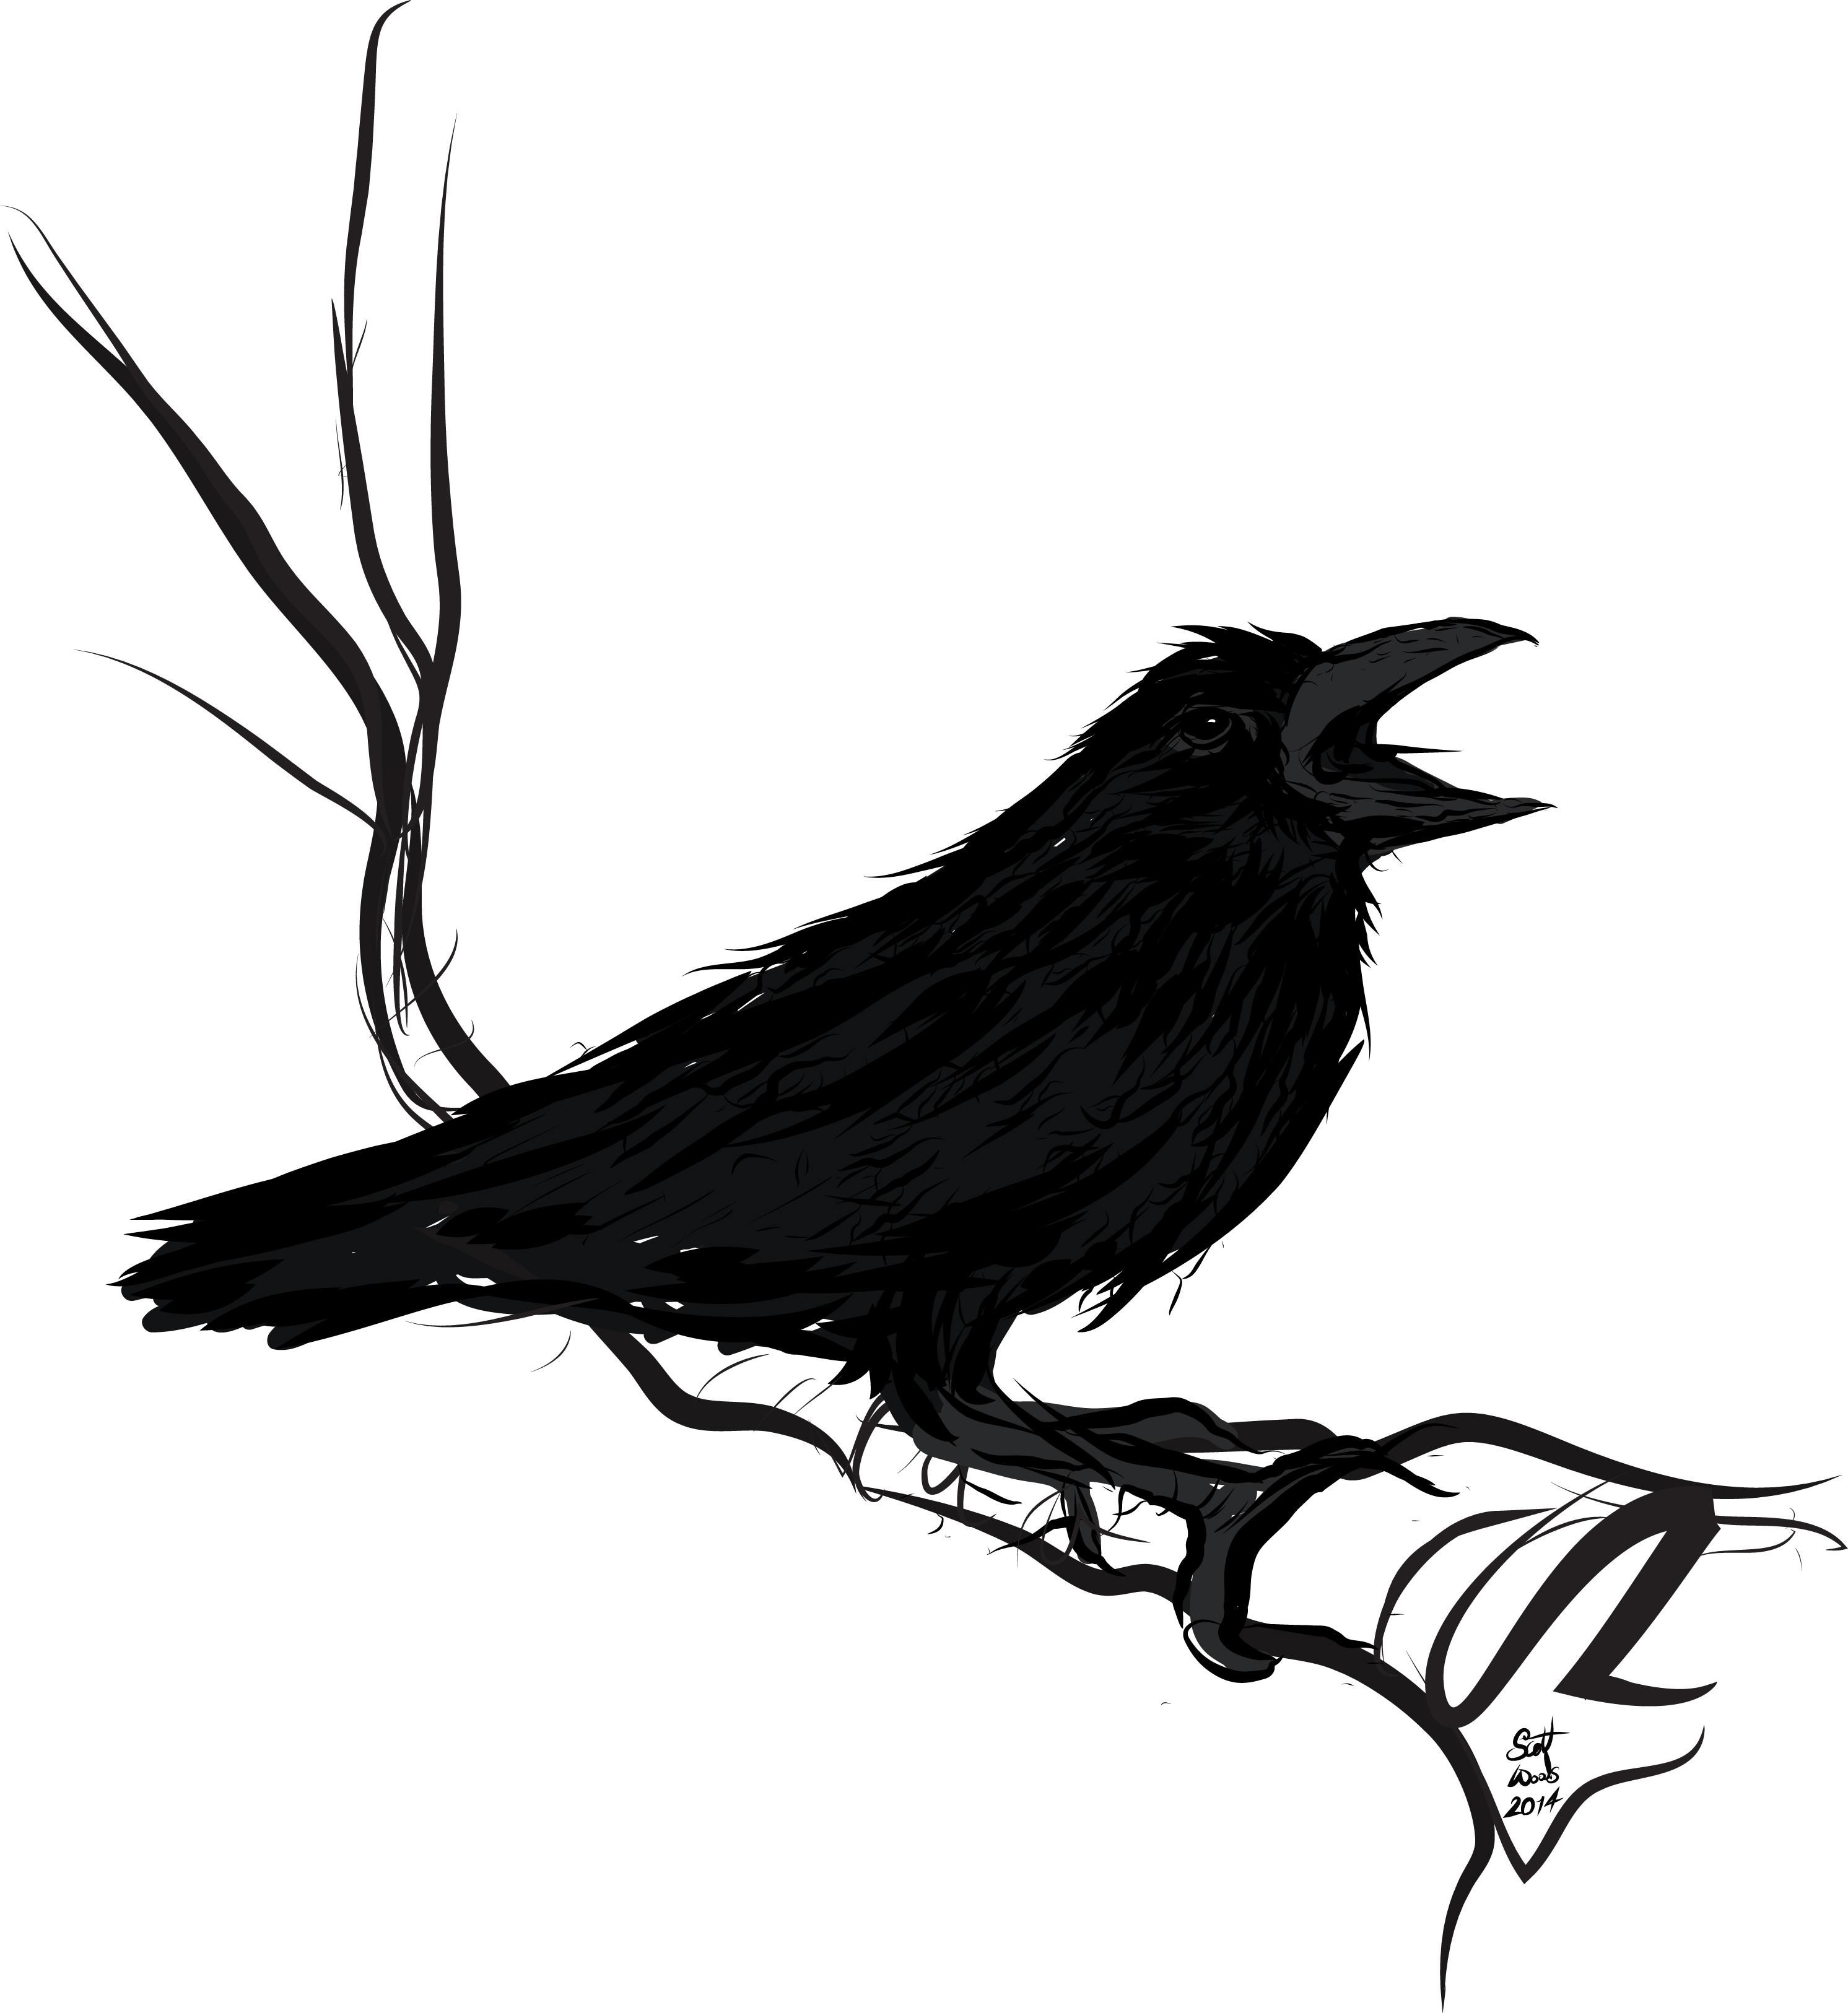 Raven_bird day